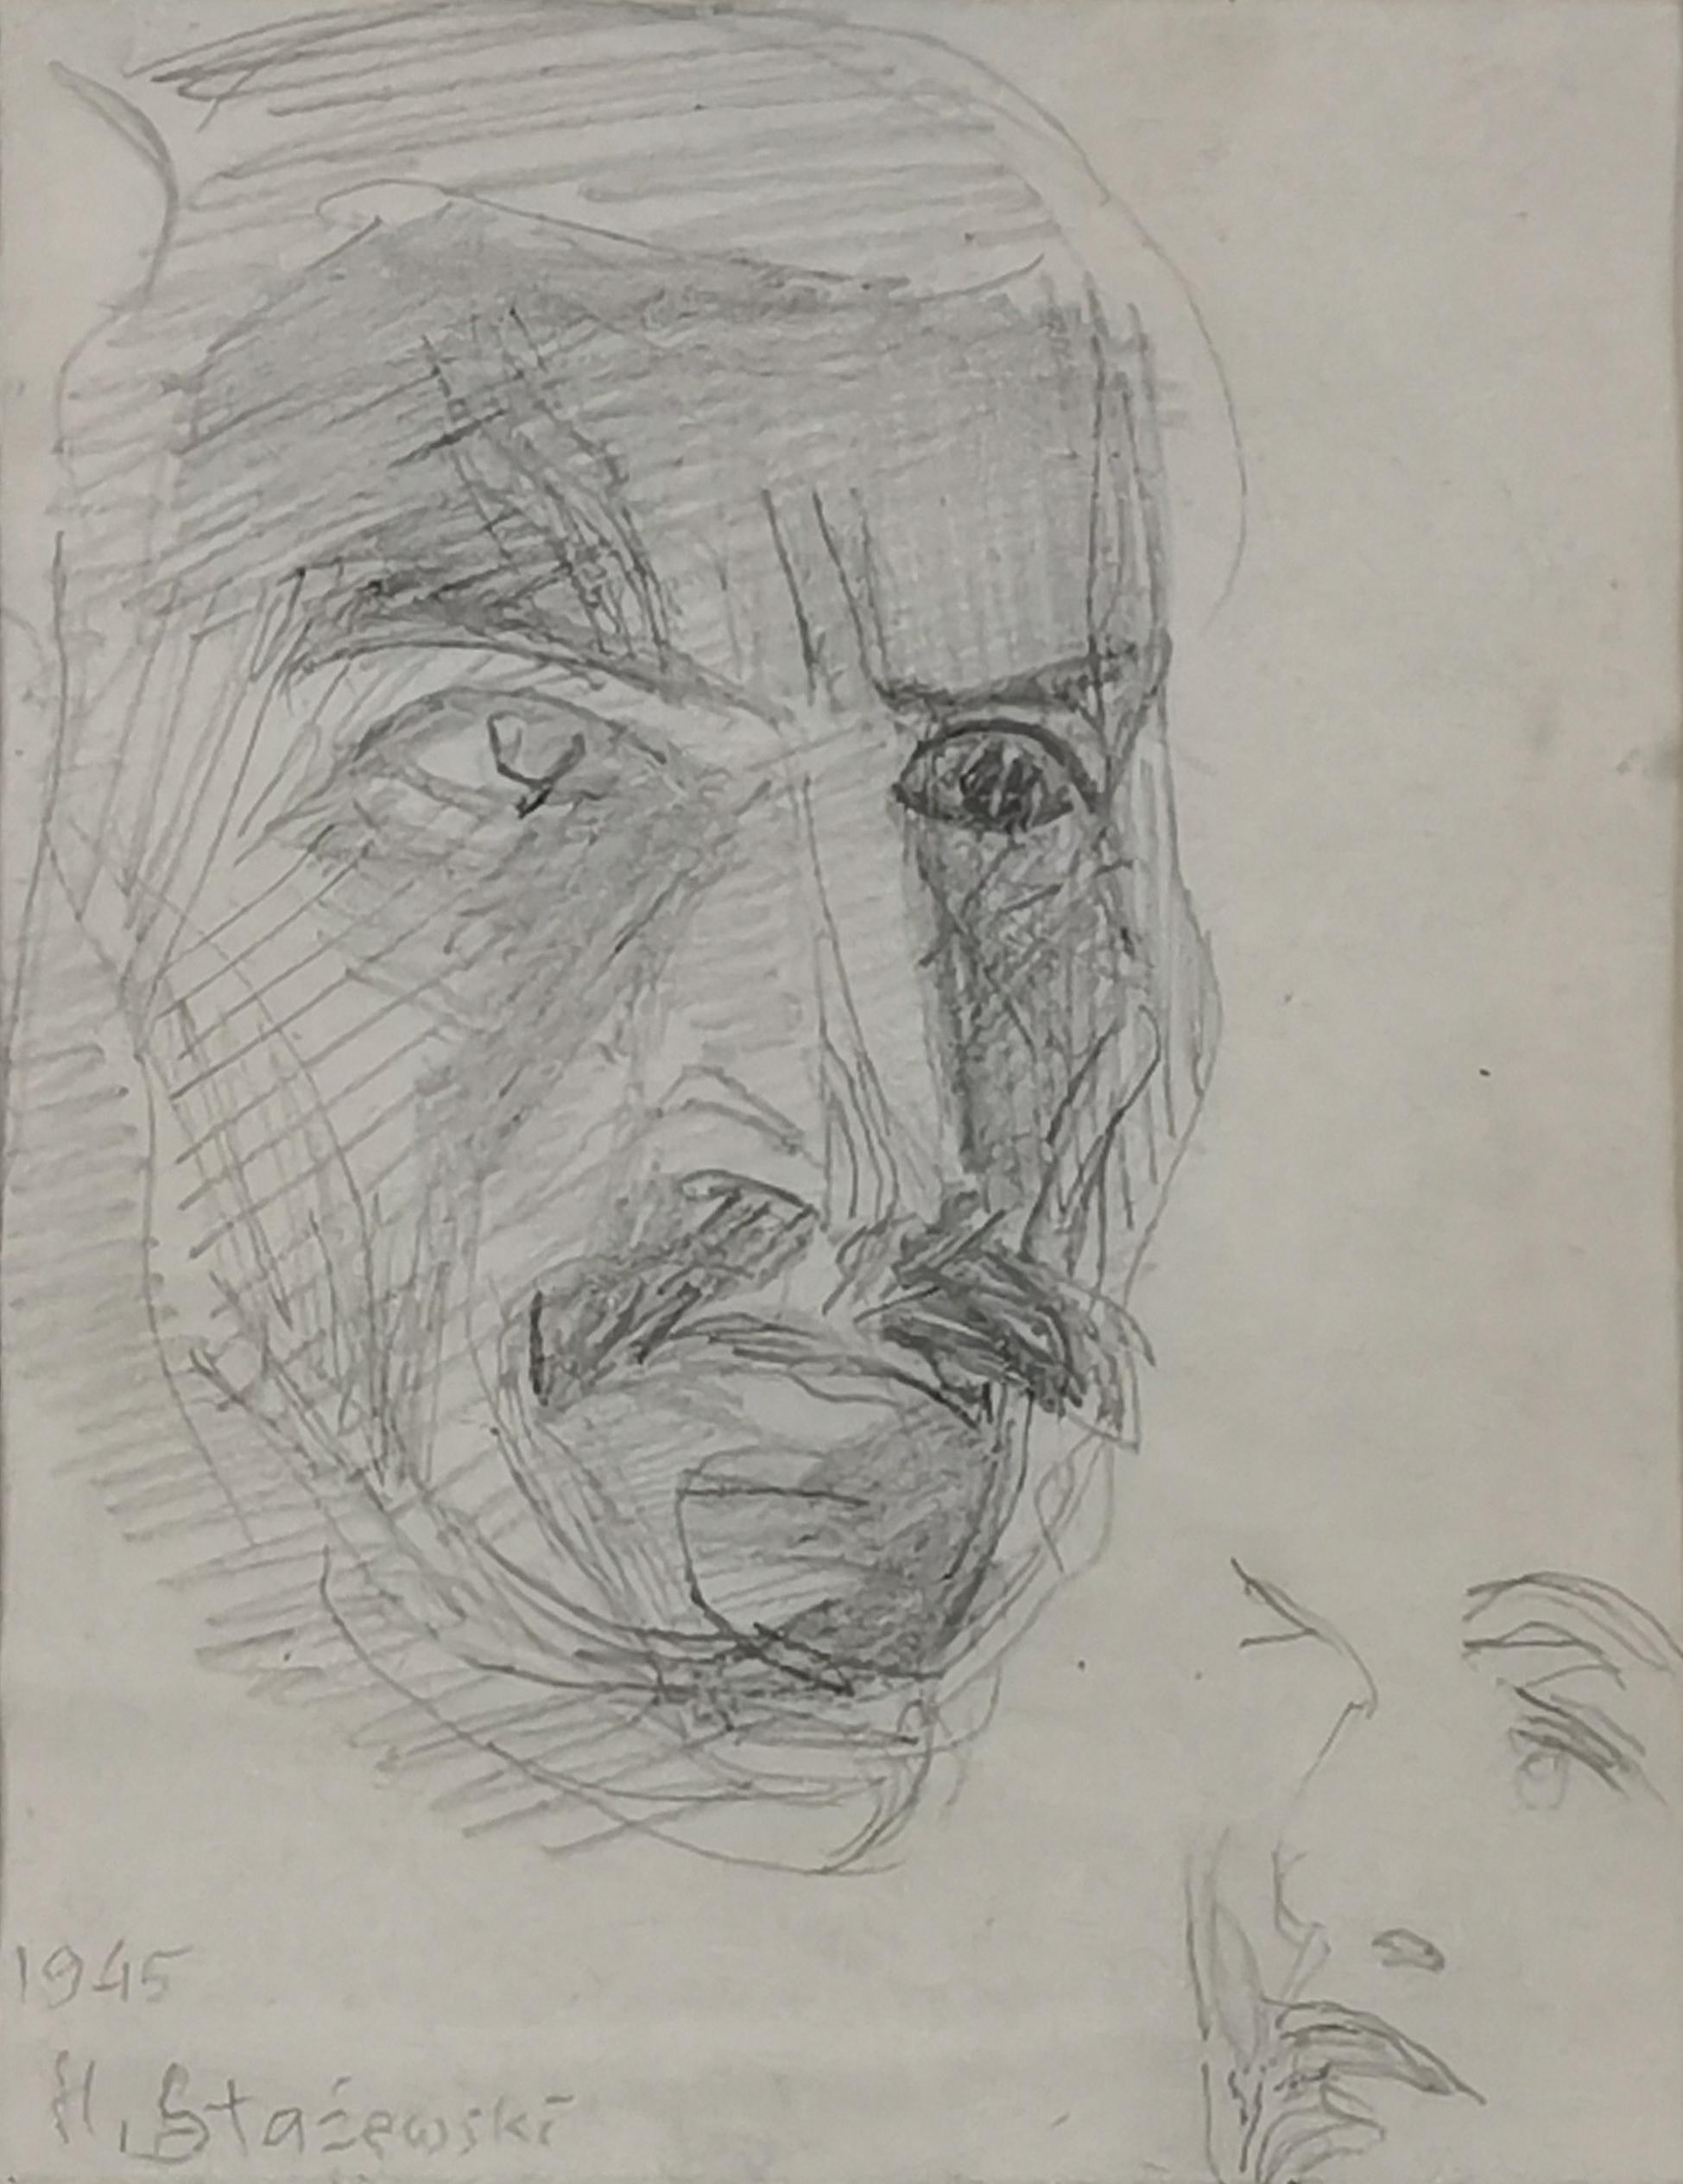 Szkic portretowy, 1945